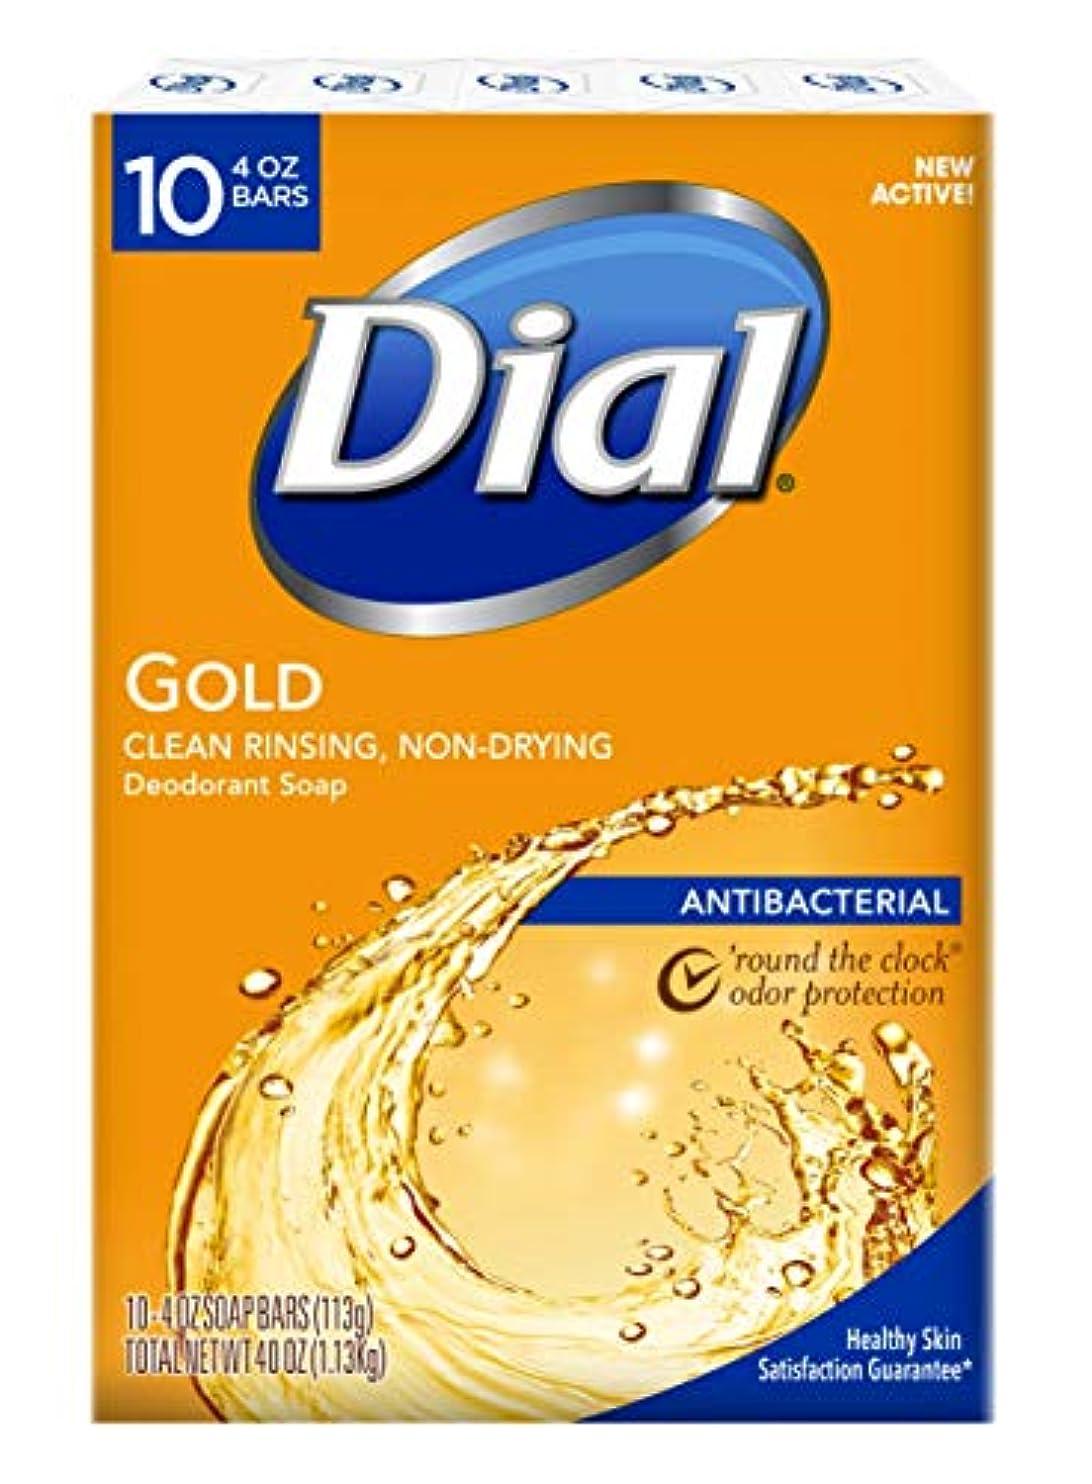 ホイスト村予備Dial Antibacterial Deodorant Bar Soap, Gold, 4-Ounce Bars, 10 Count (Pack of 3)